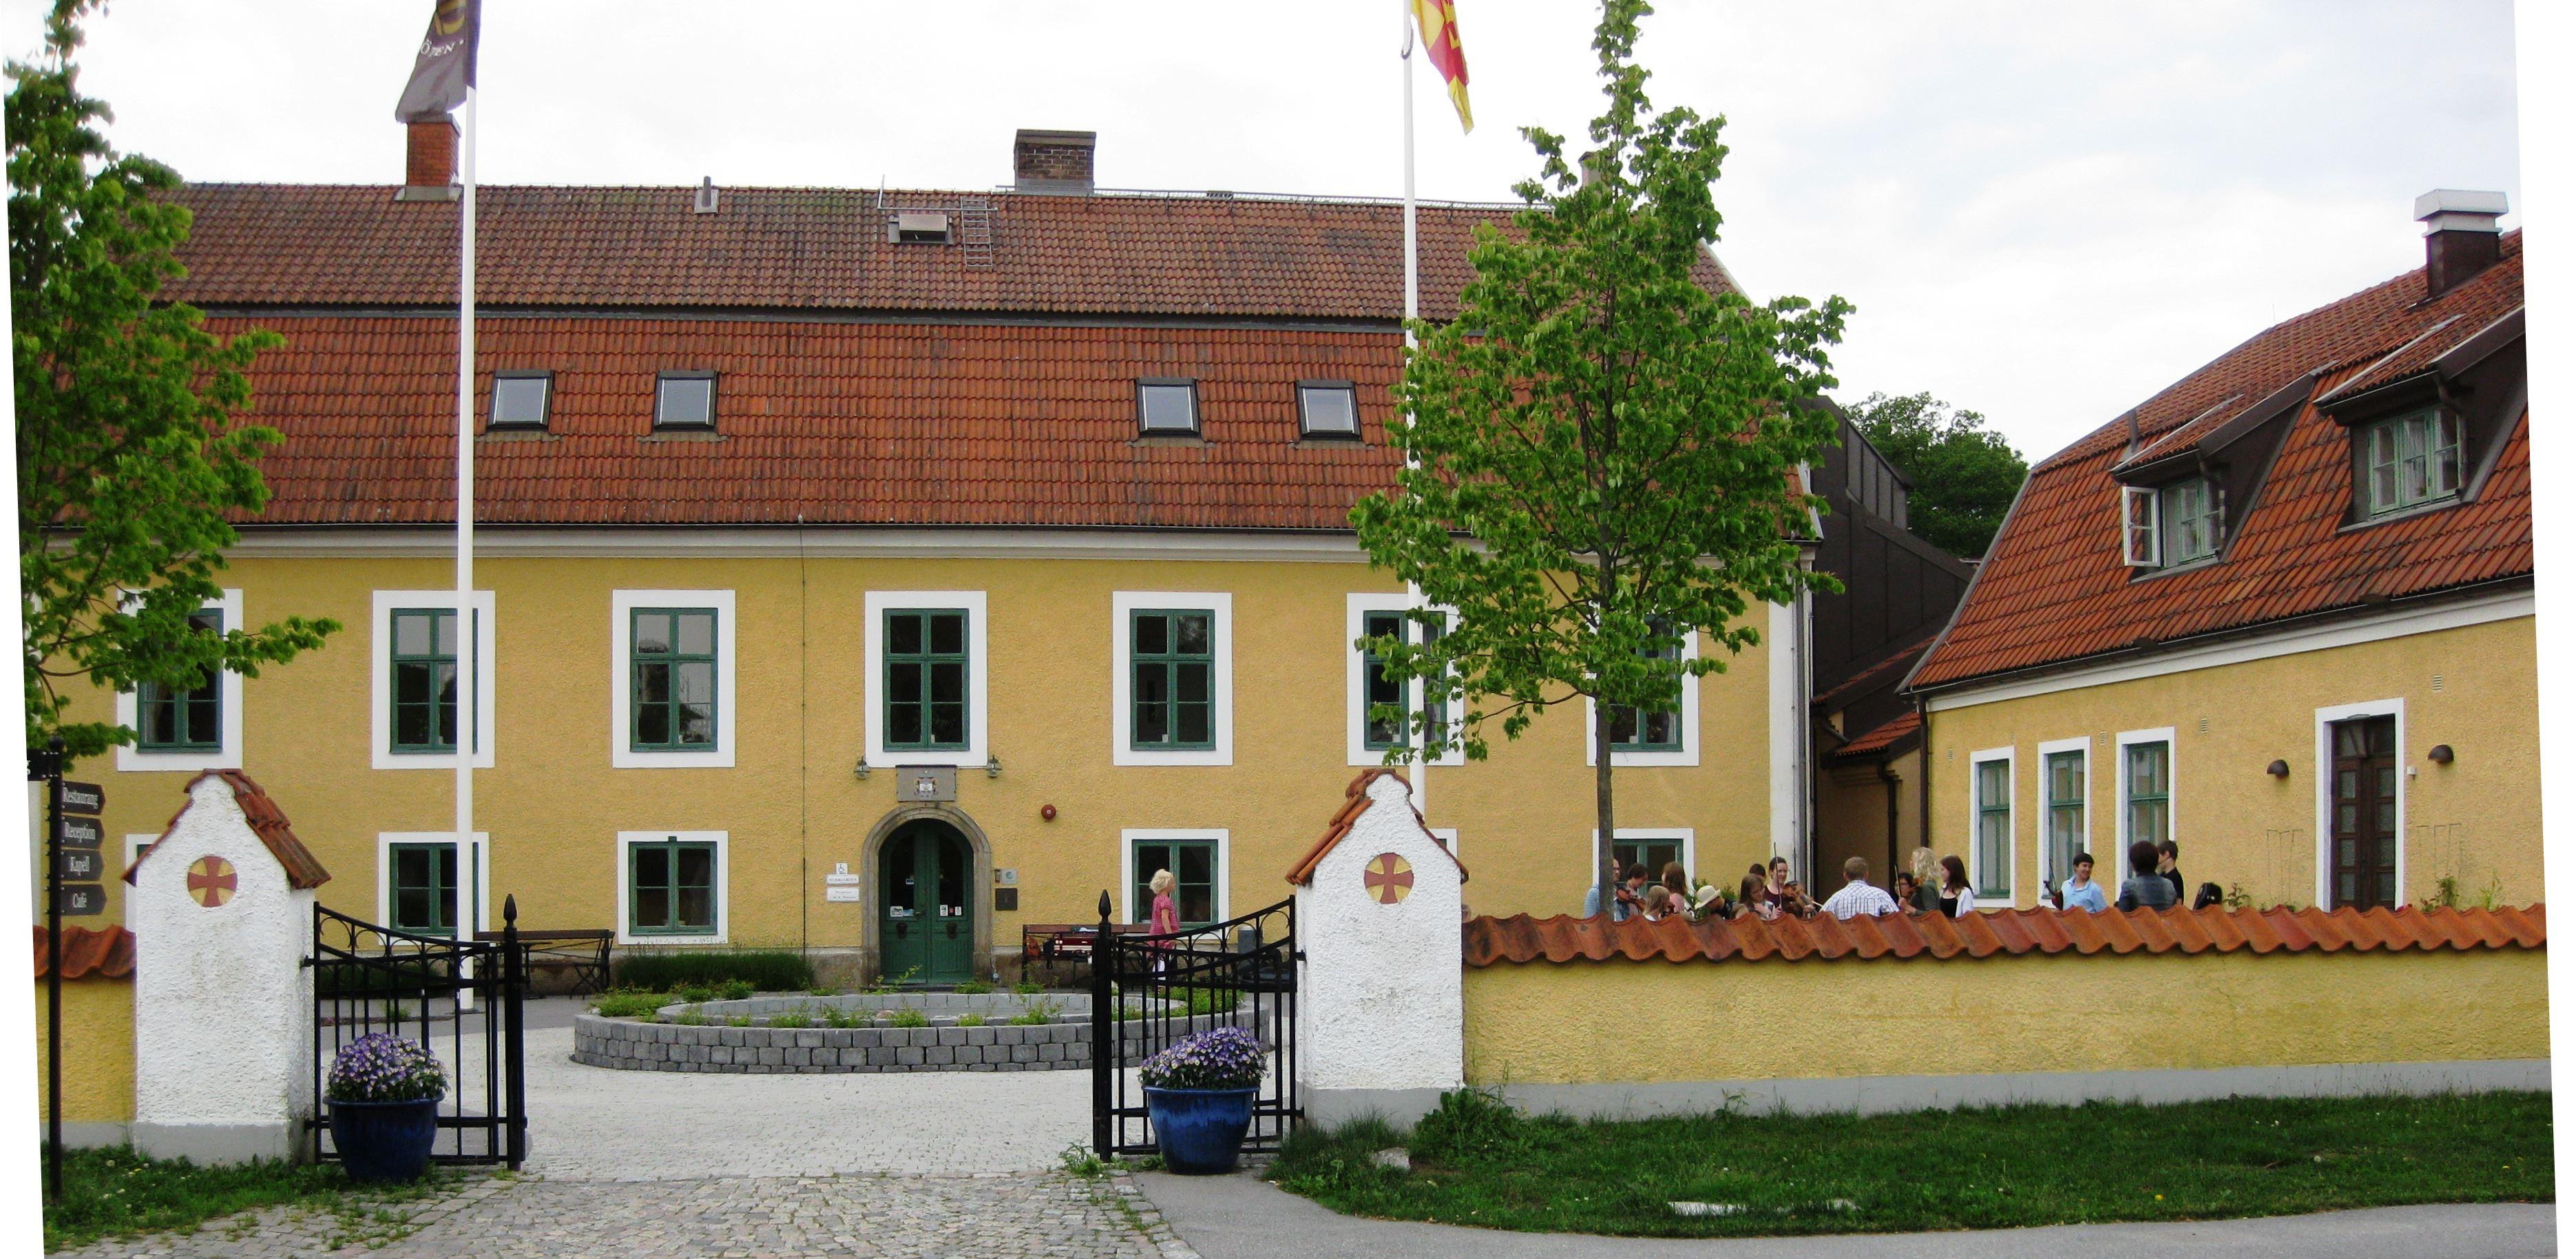 Stiftgården Åkersberg